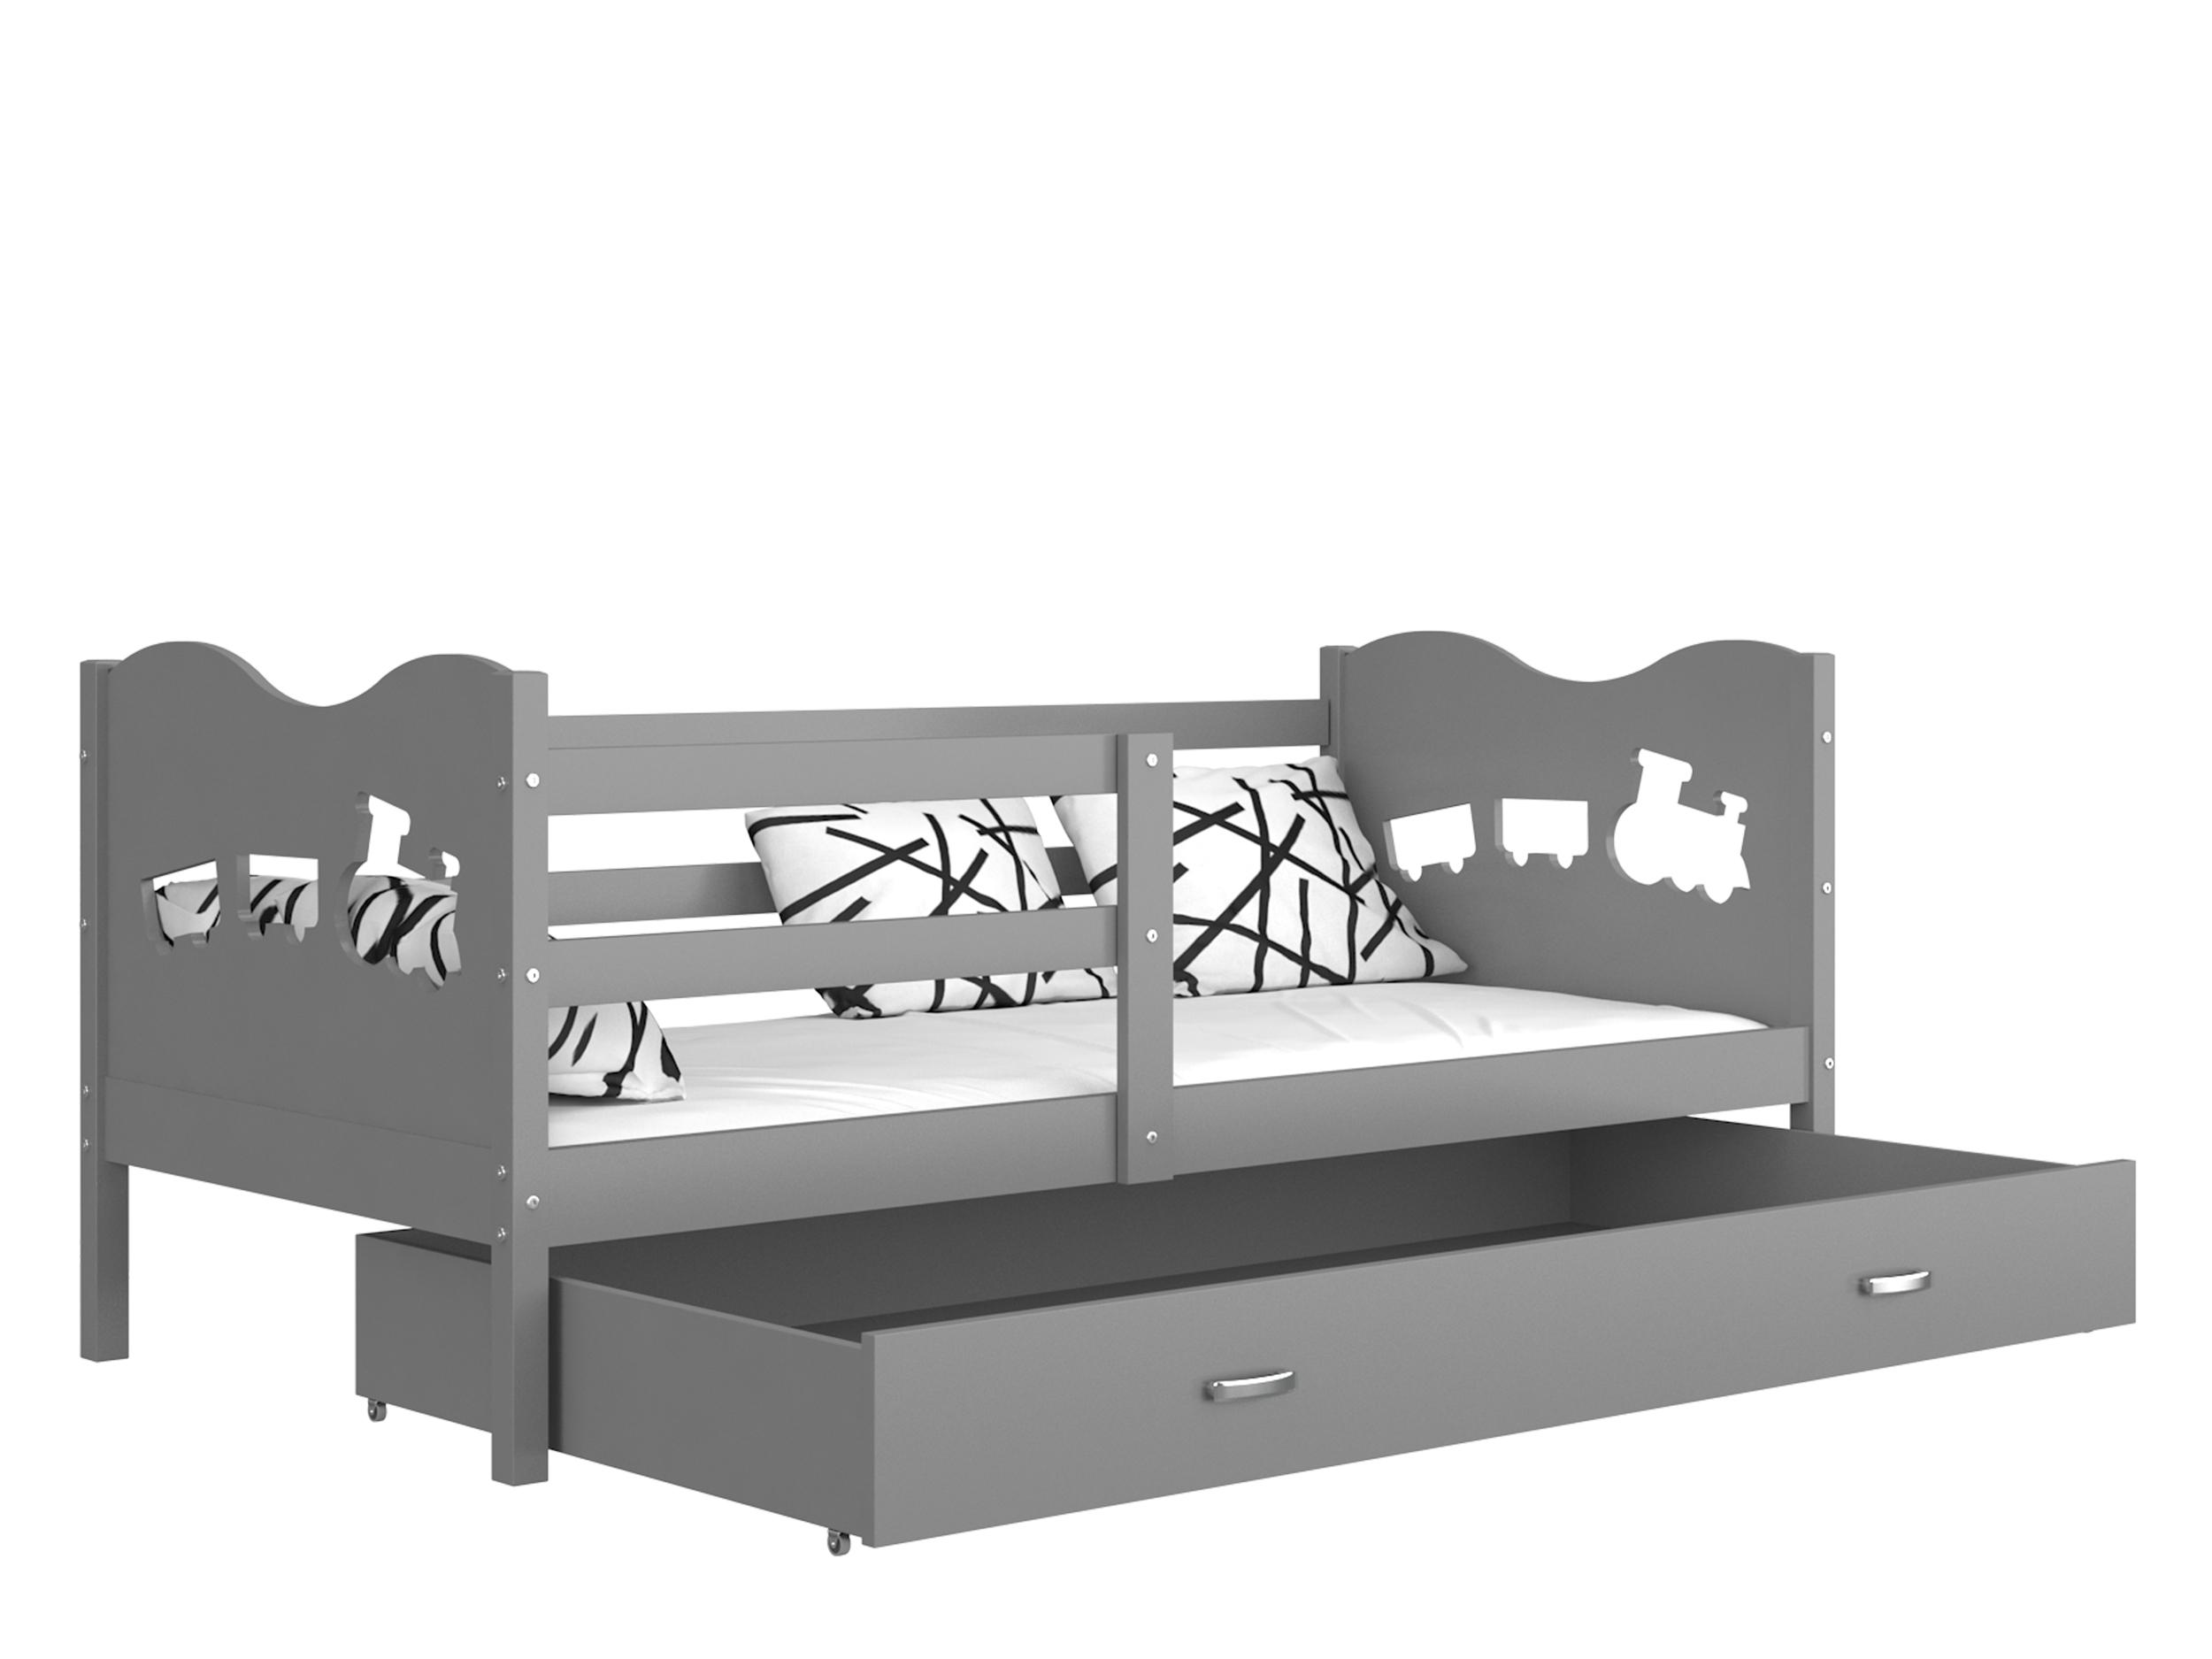 ArtAJ Detská posteľ MAX P / MDF 200 x 90 cm Farba: Sivá / sivá 200 x 90 cm, s matracom